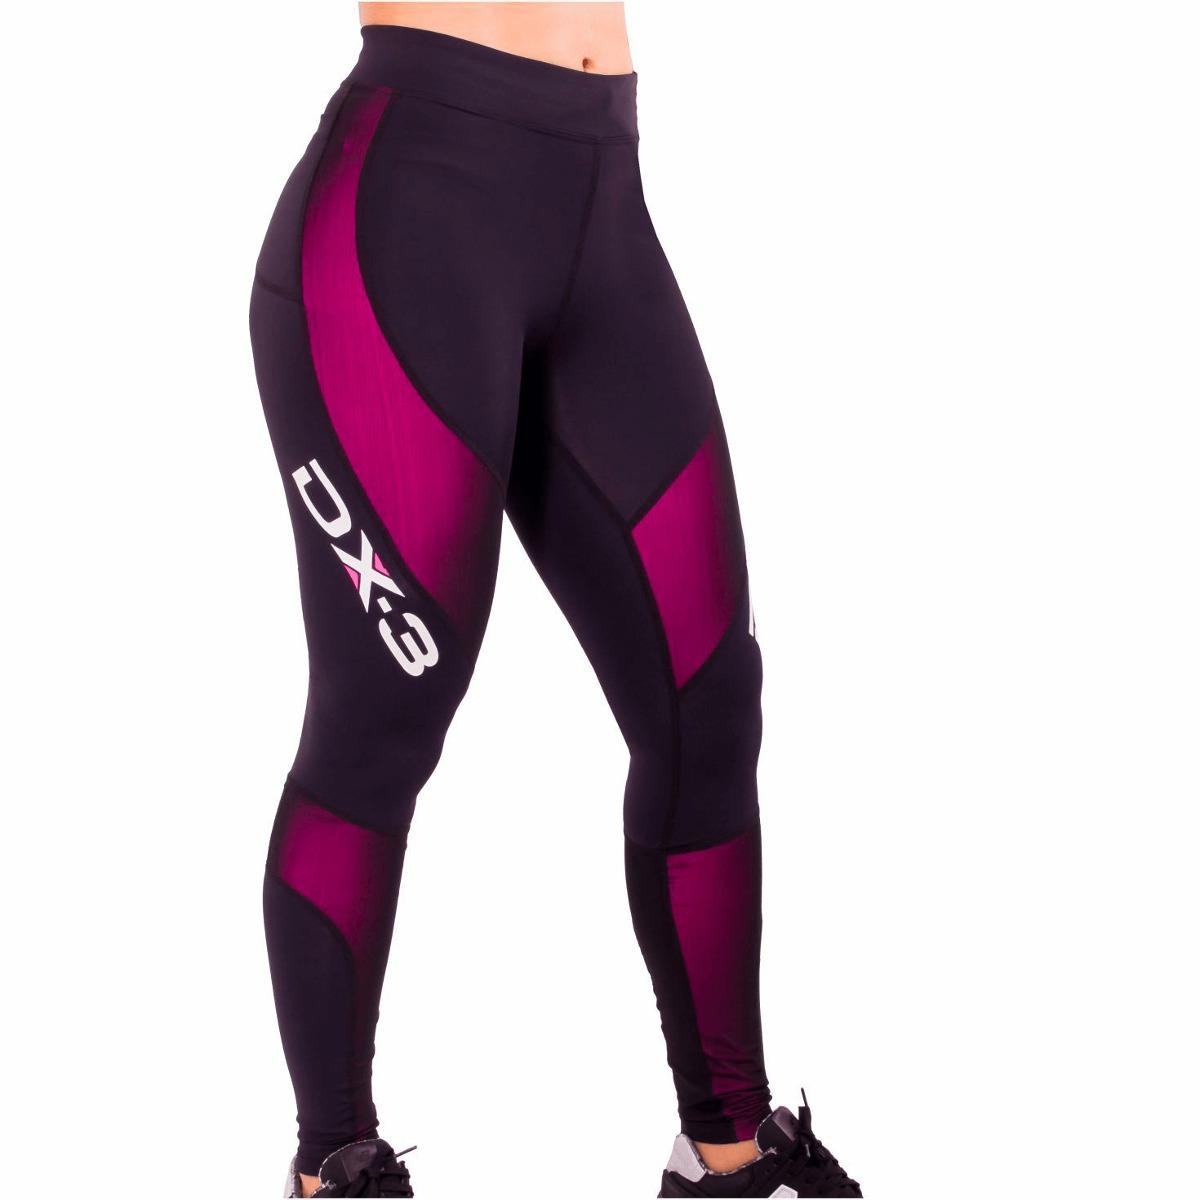 f1a2e61c50d9f calça feminina dx3 x-pro corrida fitness - alta compressão. Carregando zoom.